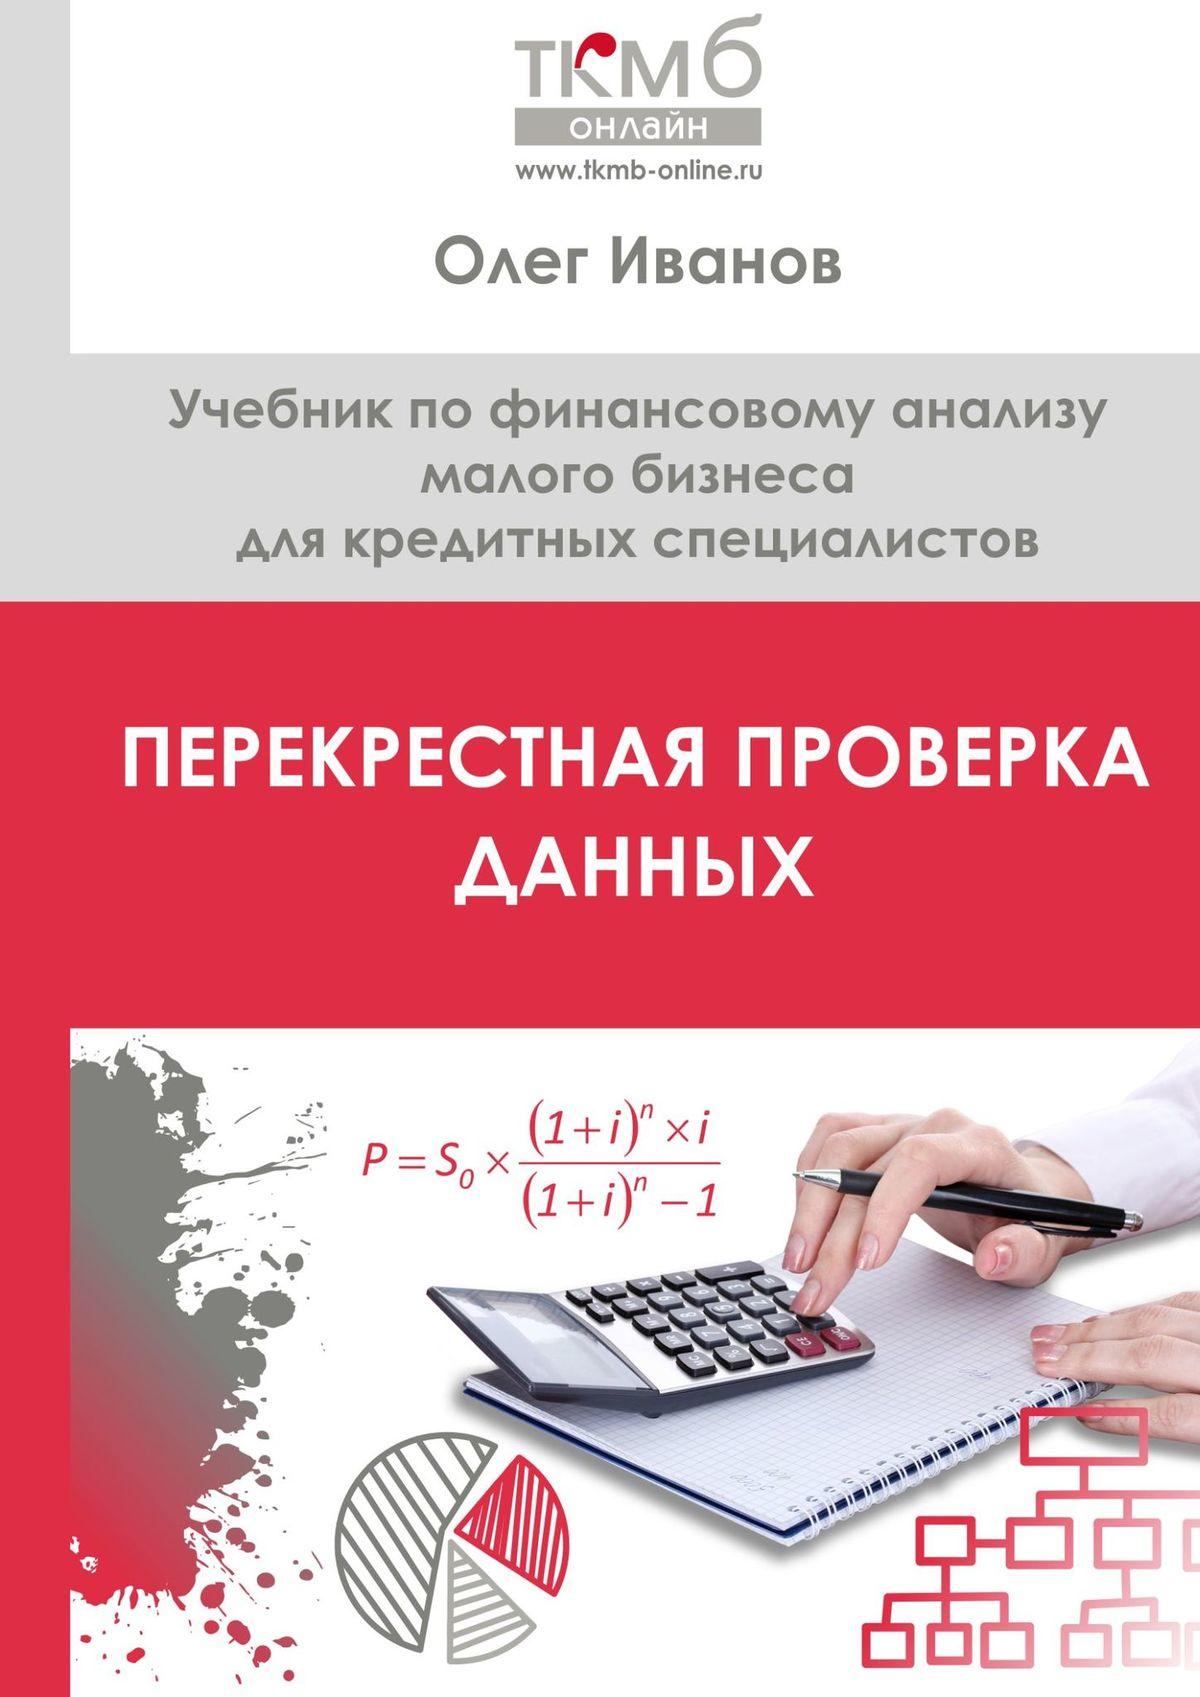 Перекрестная проверка данных. Учебник по финансовому анализу малого бизнеса для кредитных специалистов